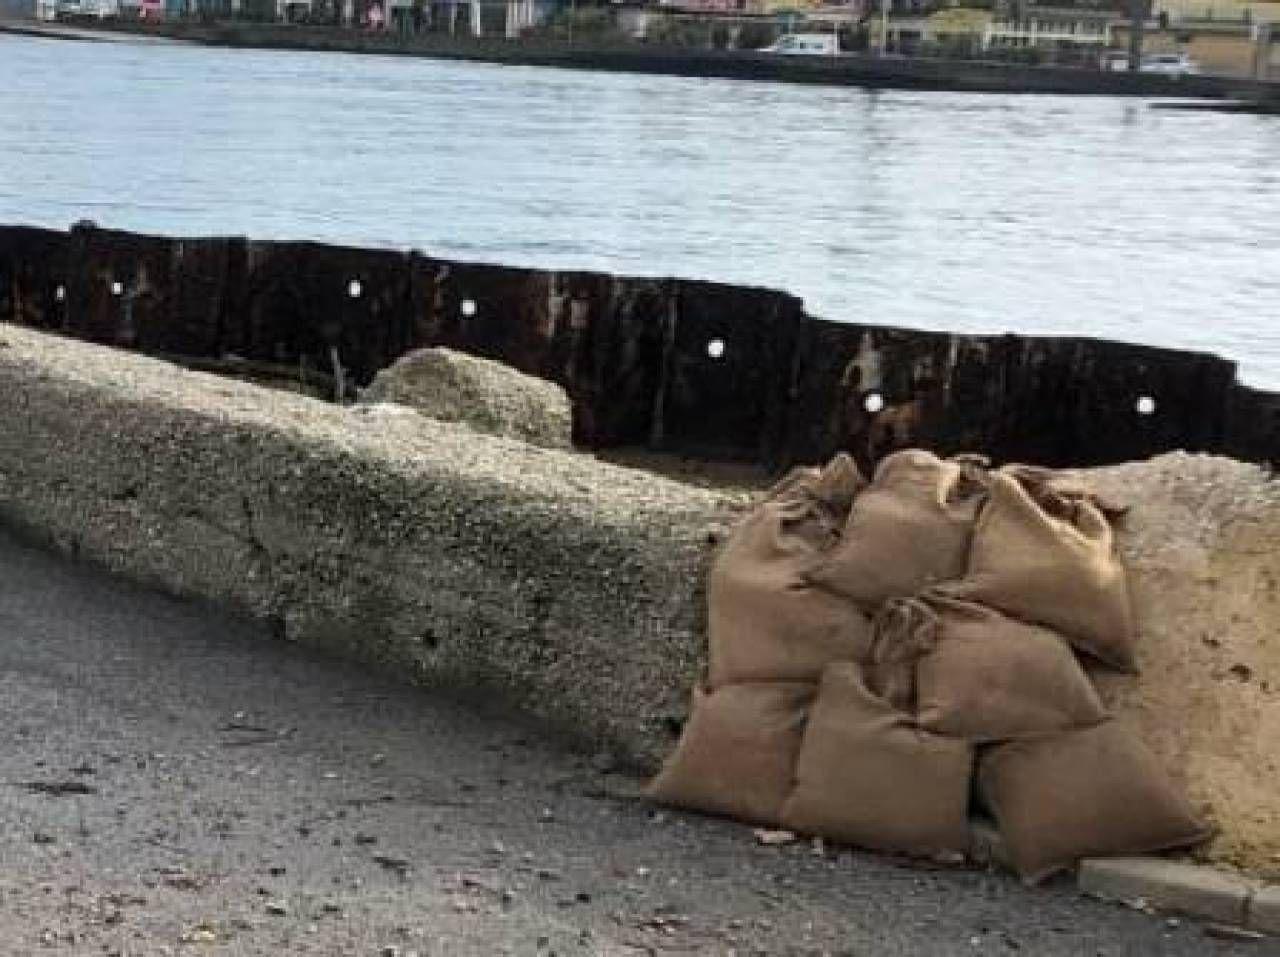 I sacchi posizionati a Porto Corsini nella vecchia banchina di protezione